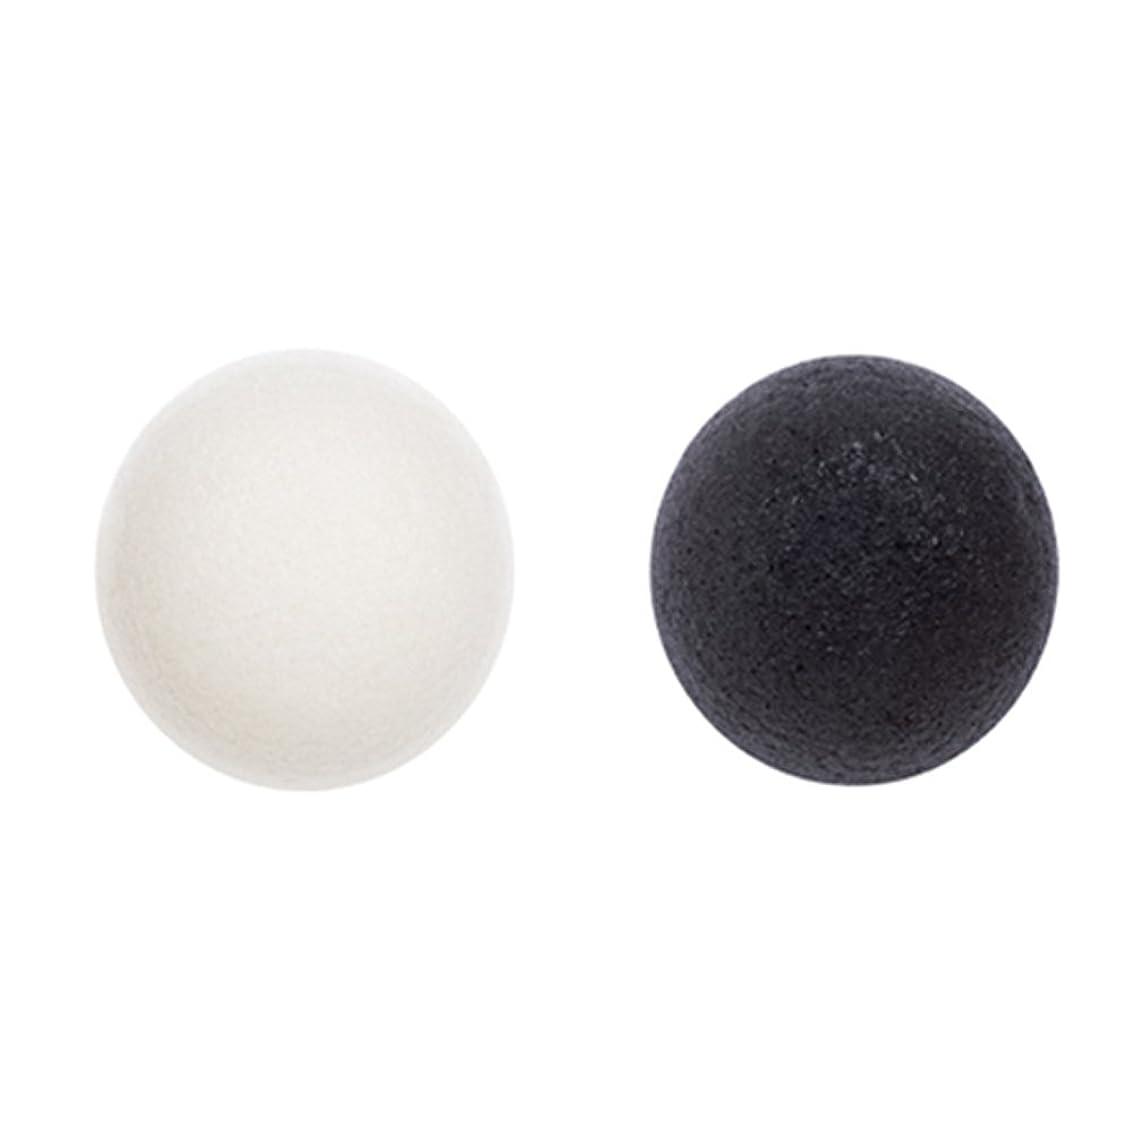 ミシャ 天然 こんにゃく クレンジング パフ(ホワイトクレイ)Natural Konjac Cleansing Puff (White Clay) [並行輸入品]